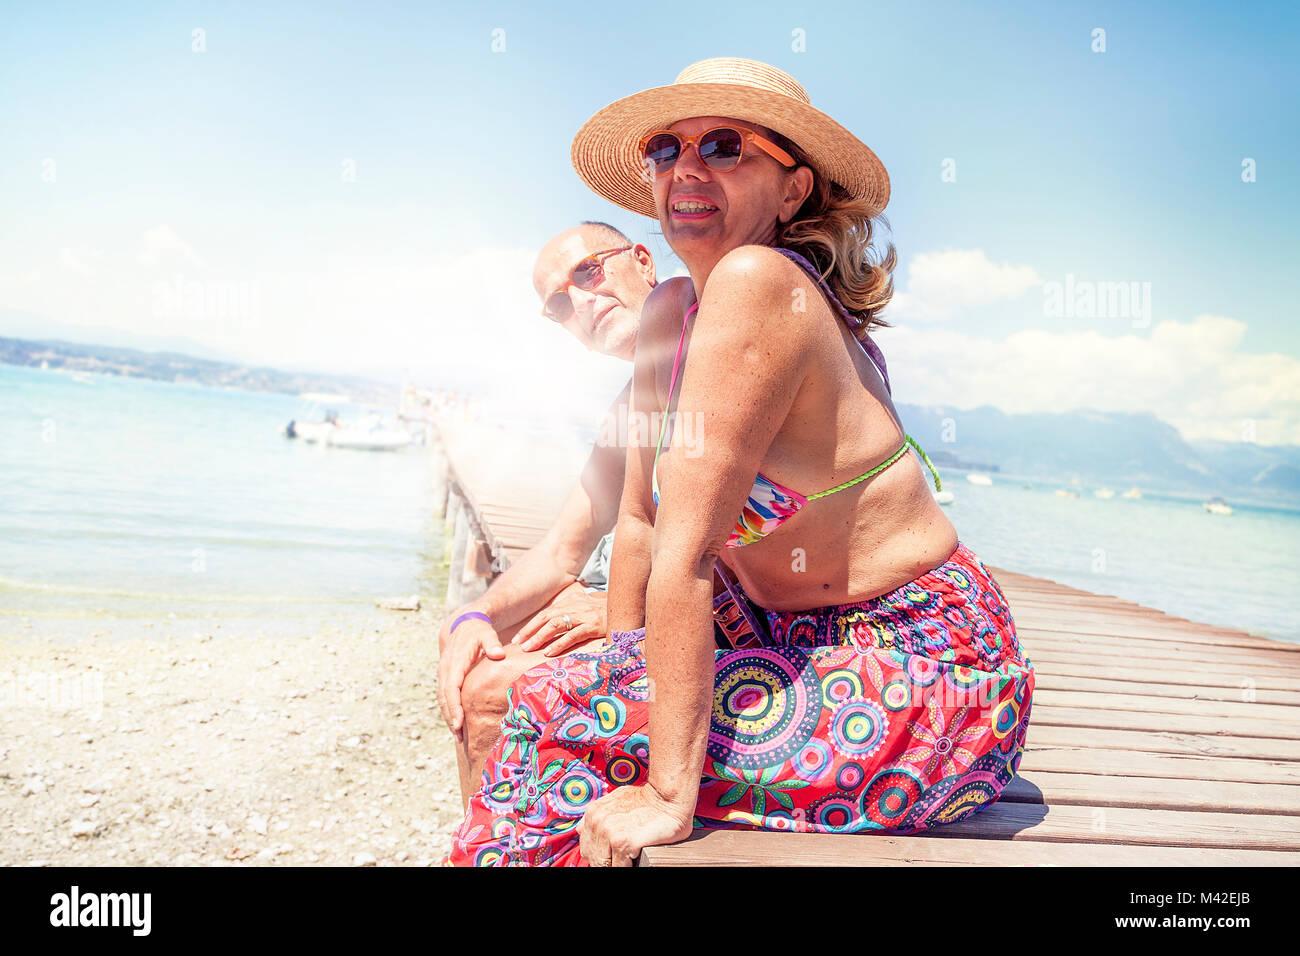 Ritratto della moderna coppia matura rilassante in costume da bagno seduta sul dock di un resort. Concetto di bella Immagini Stock